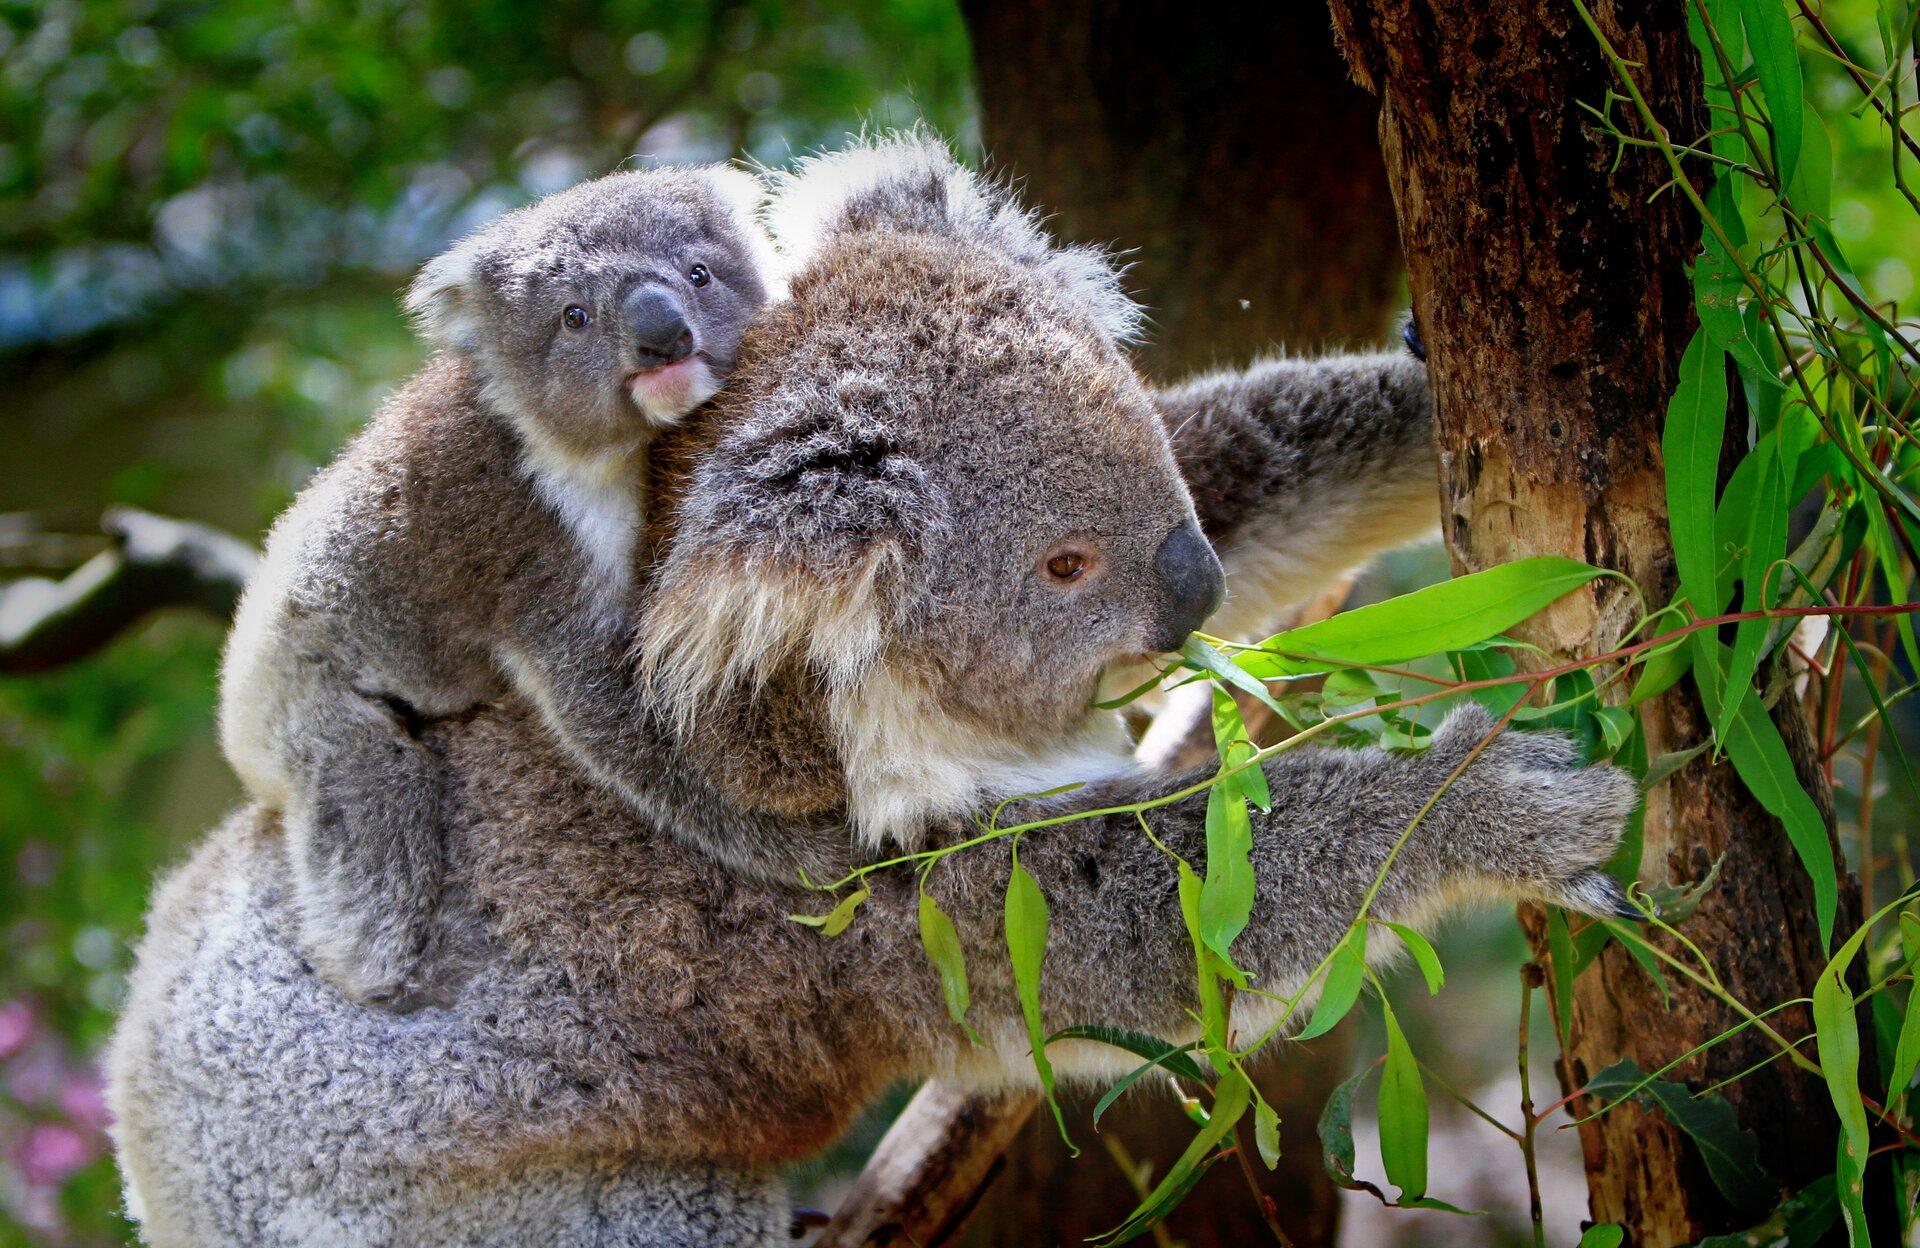 Fotografia przedstawia bokiem szarobrązowego koalę zmłodym na grzbiecie. Pysk trójkątny, wprawo, duży ciemny nos. Biała broda sięga uszu. Zwierzę przednimi łapami trzyma się pnia eukaliptusa, którego liście ma wpysku. Młode patrzy wstronę obserwatora, ma bardzo różowy pyszczek. Łapami obejmuje szyję itułów matki.